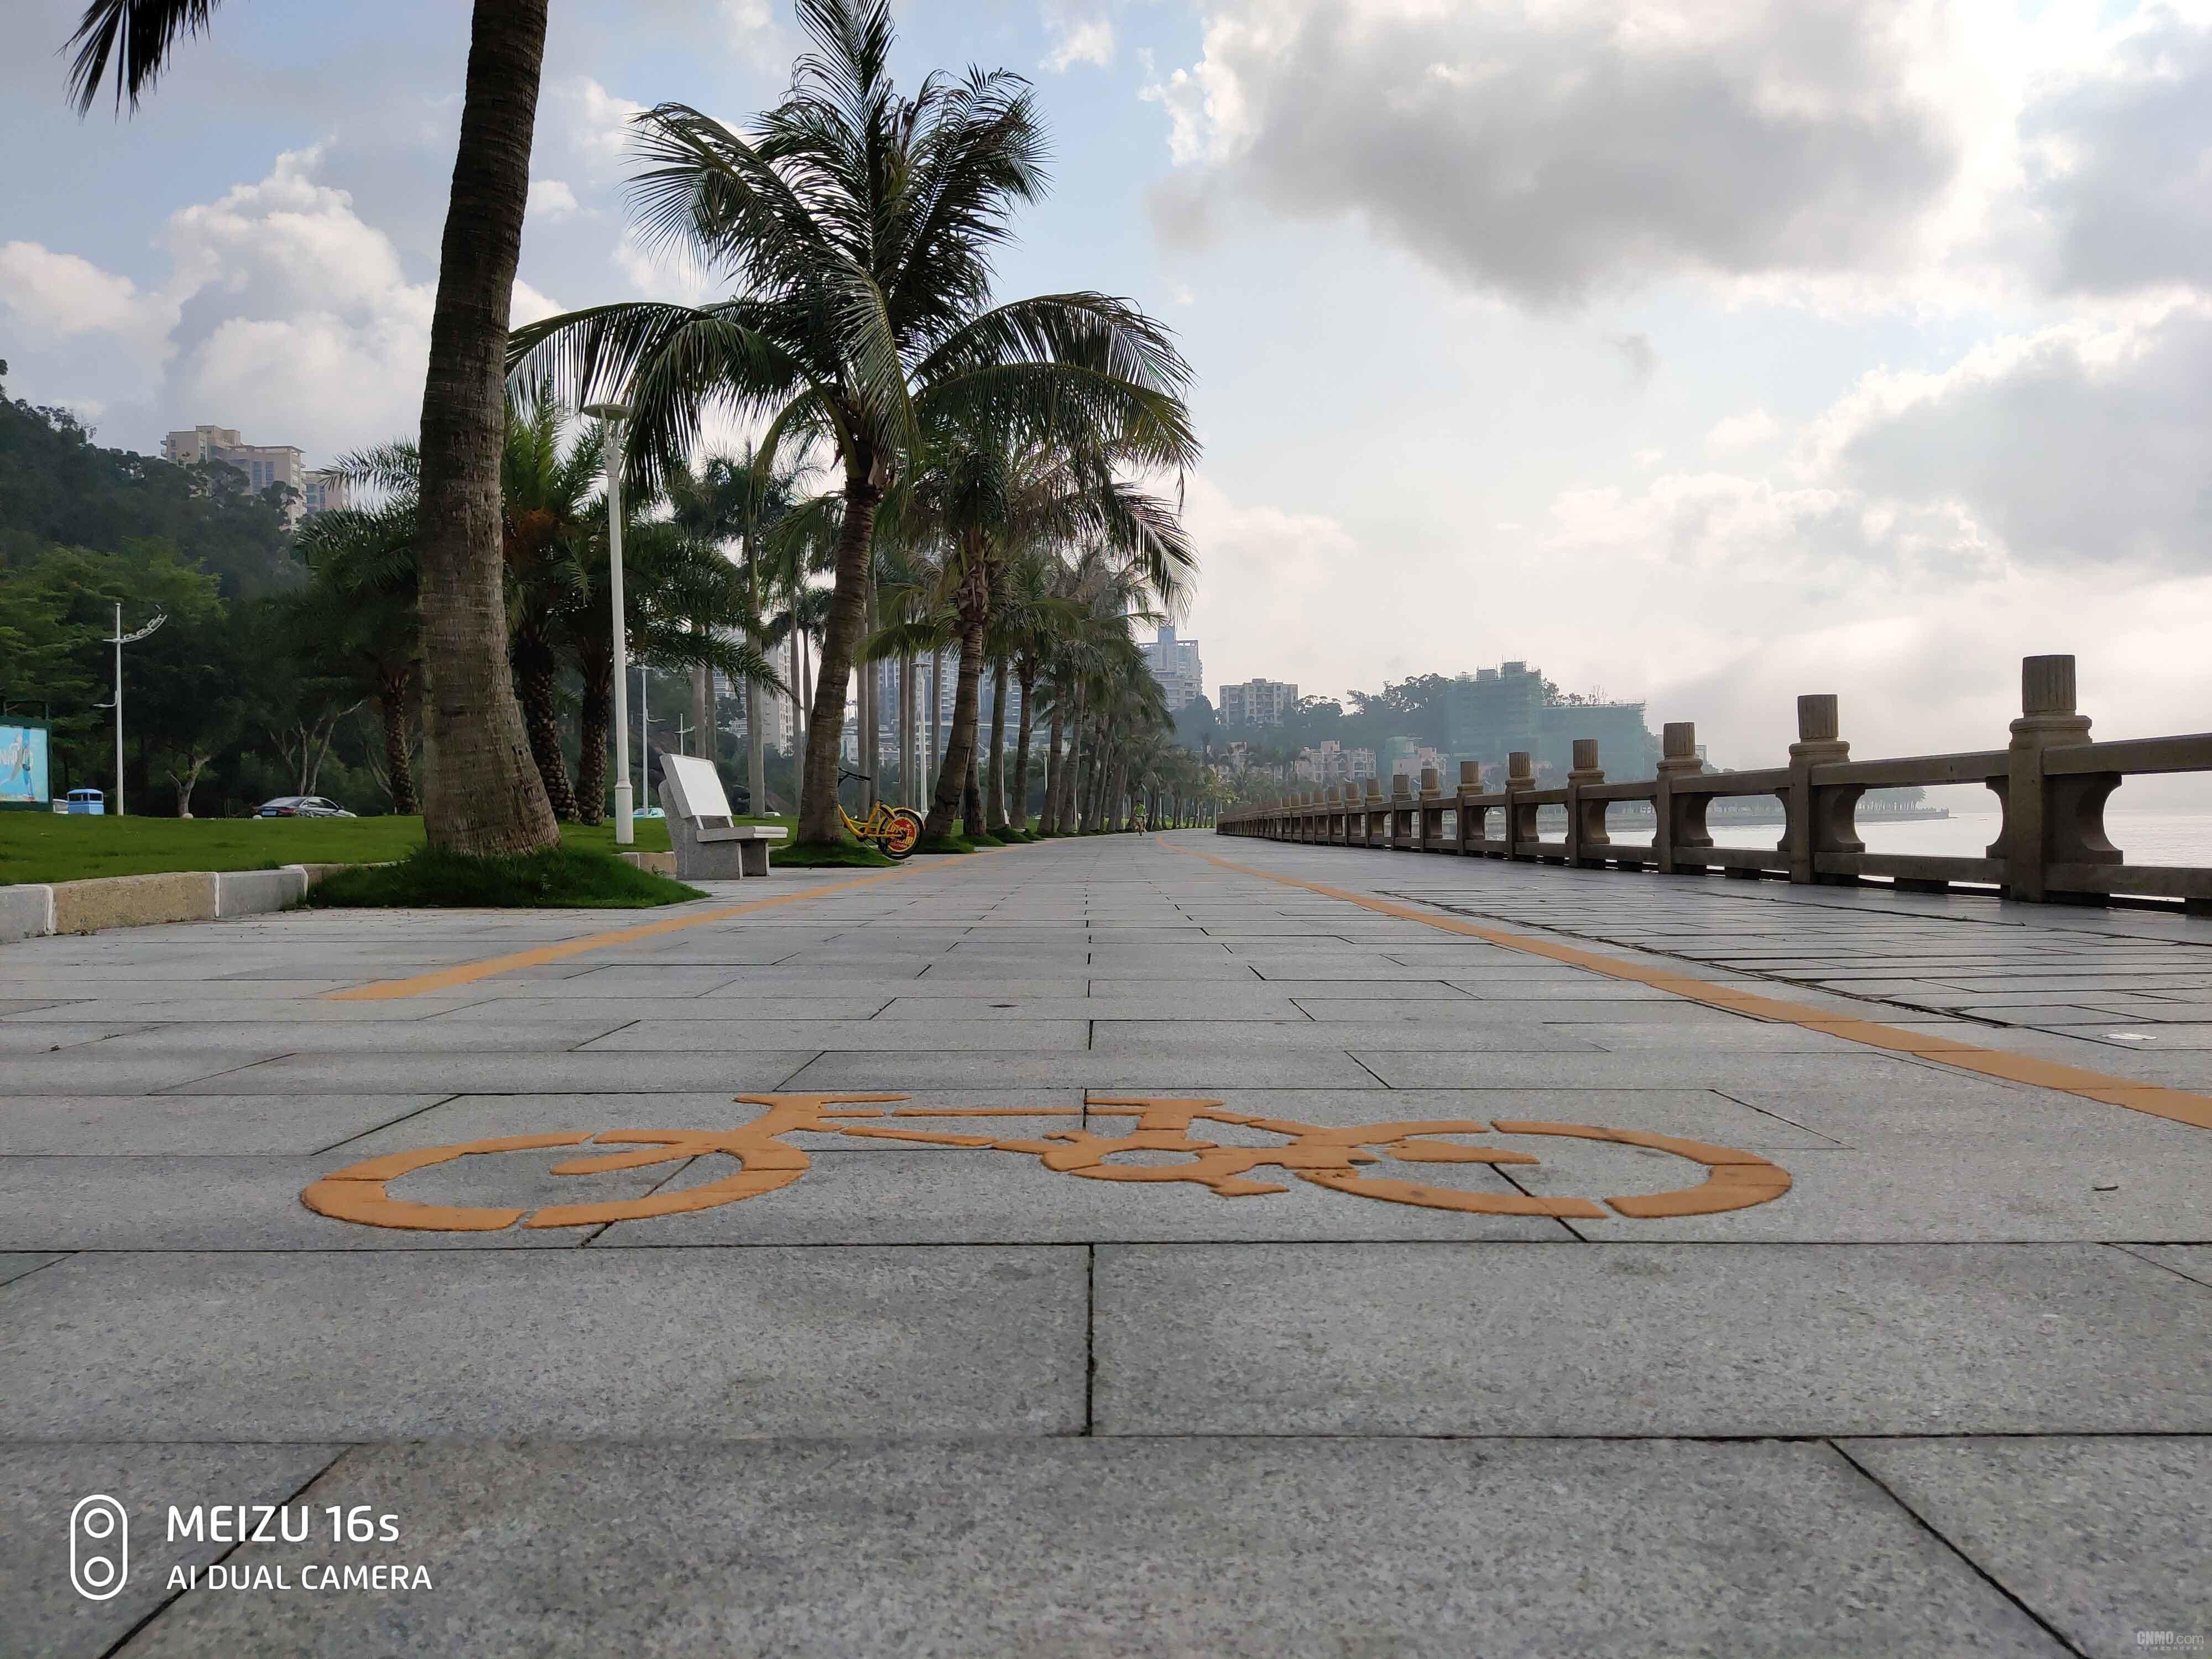 魅族16s(8+256GB)手机拍照出来的影像图第8张